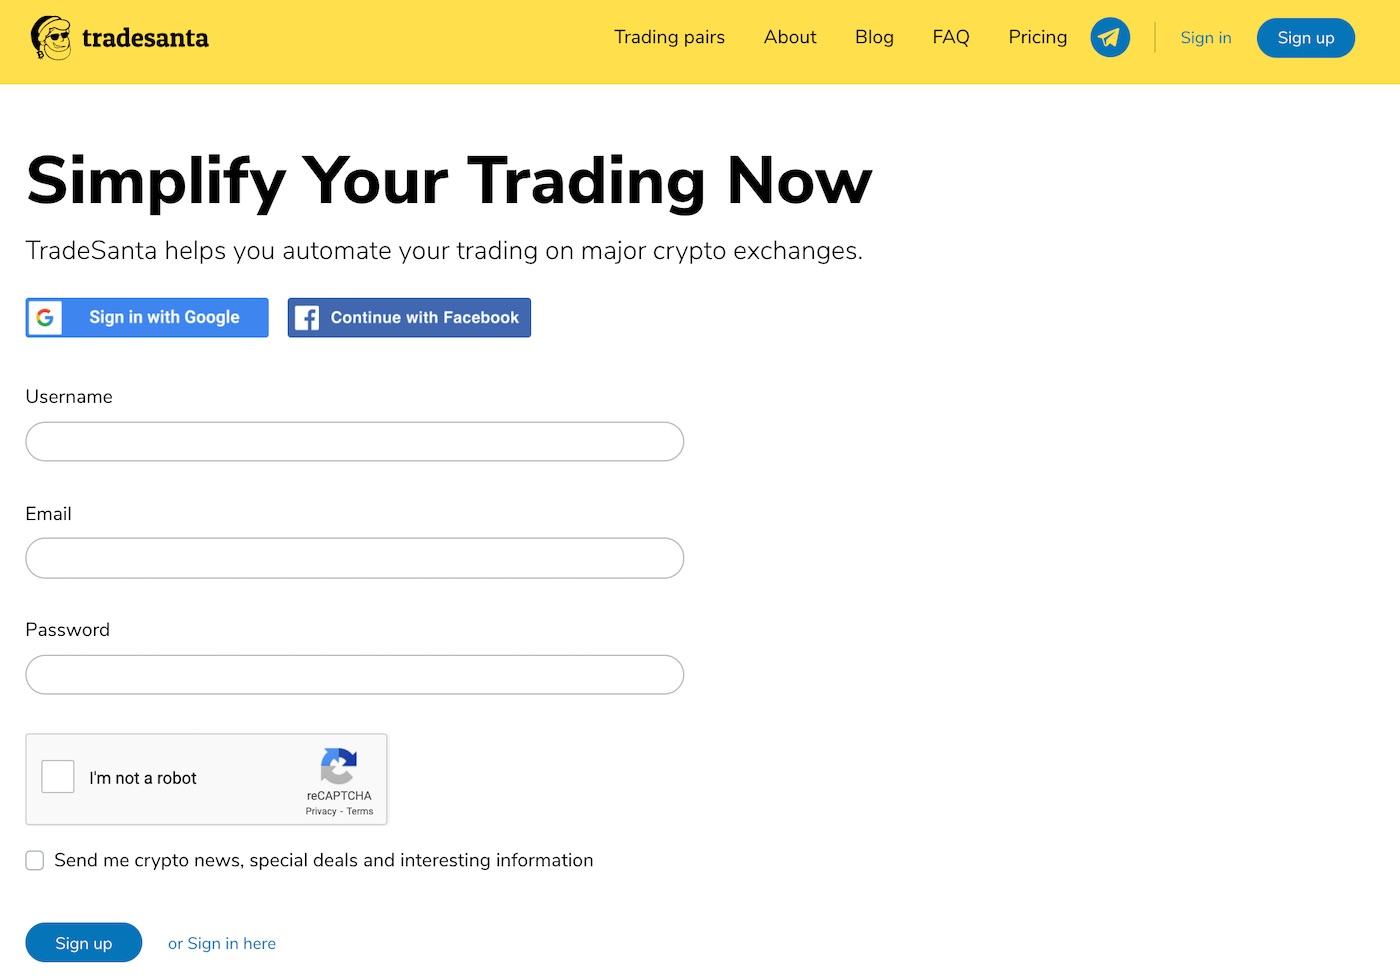 tradesanta registration sign up